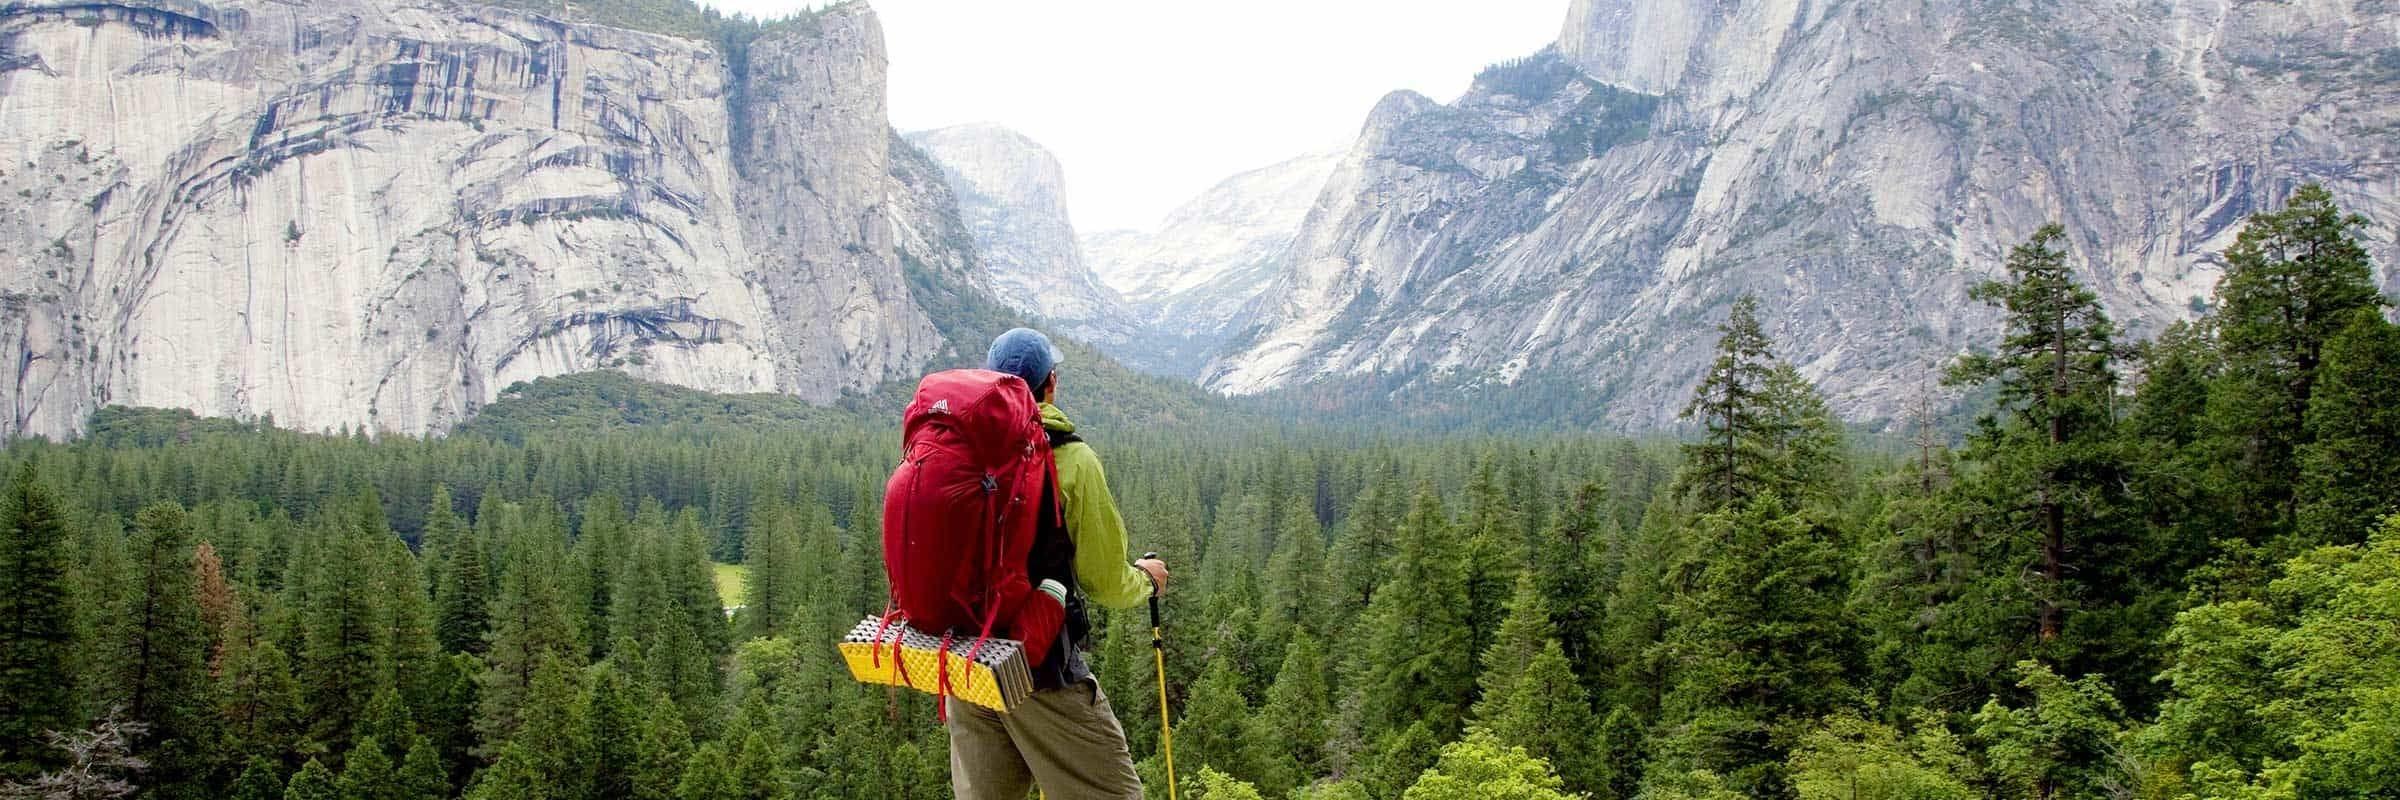 Comment choisir le bon sac à dos pour la randonnée